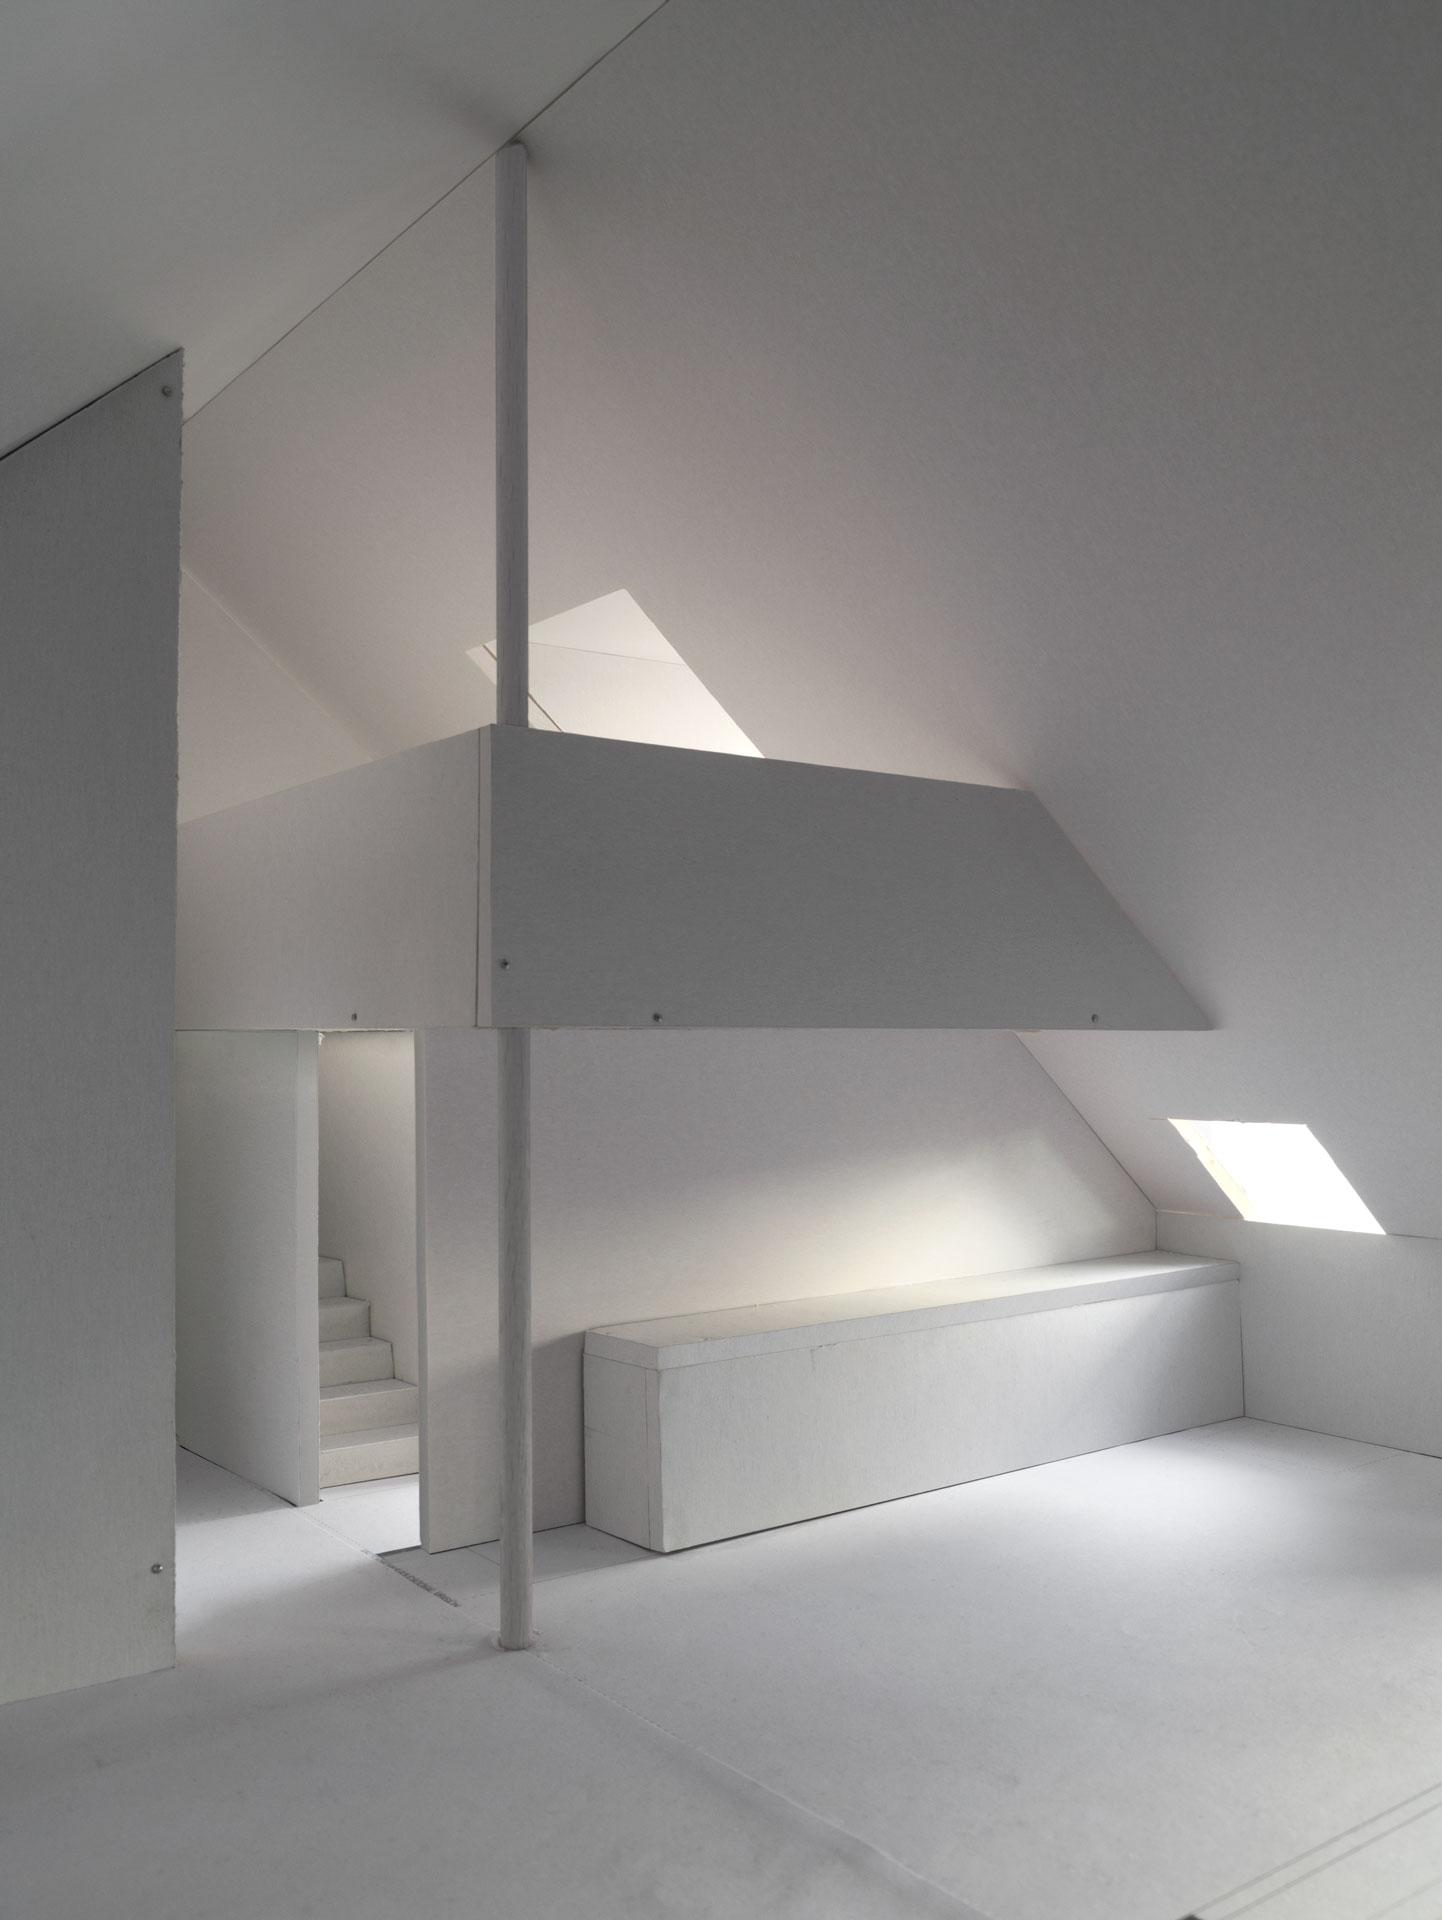 Der sechs Meter hohe Innenraum bietet eine überraschende Grosszügigkeit